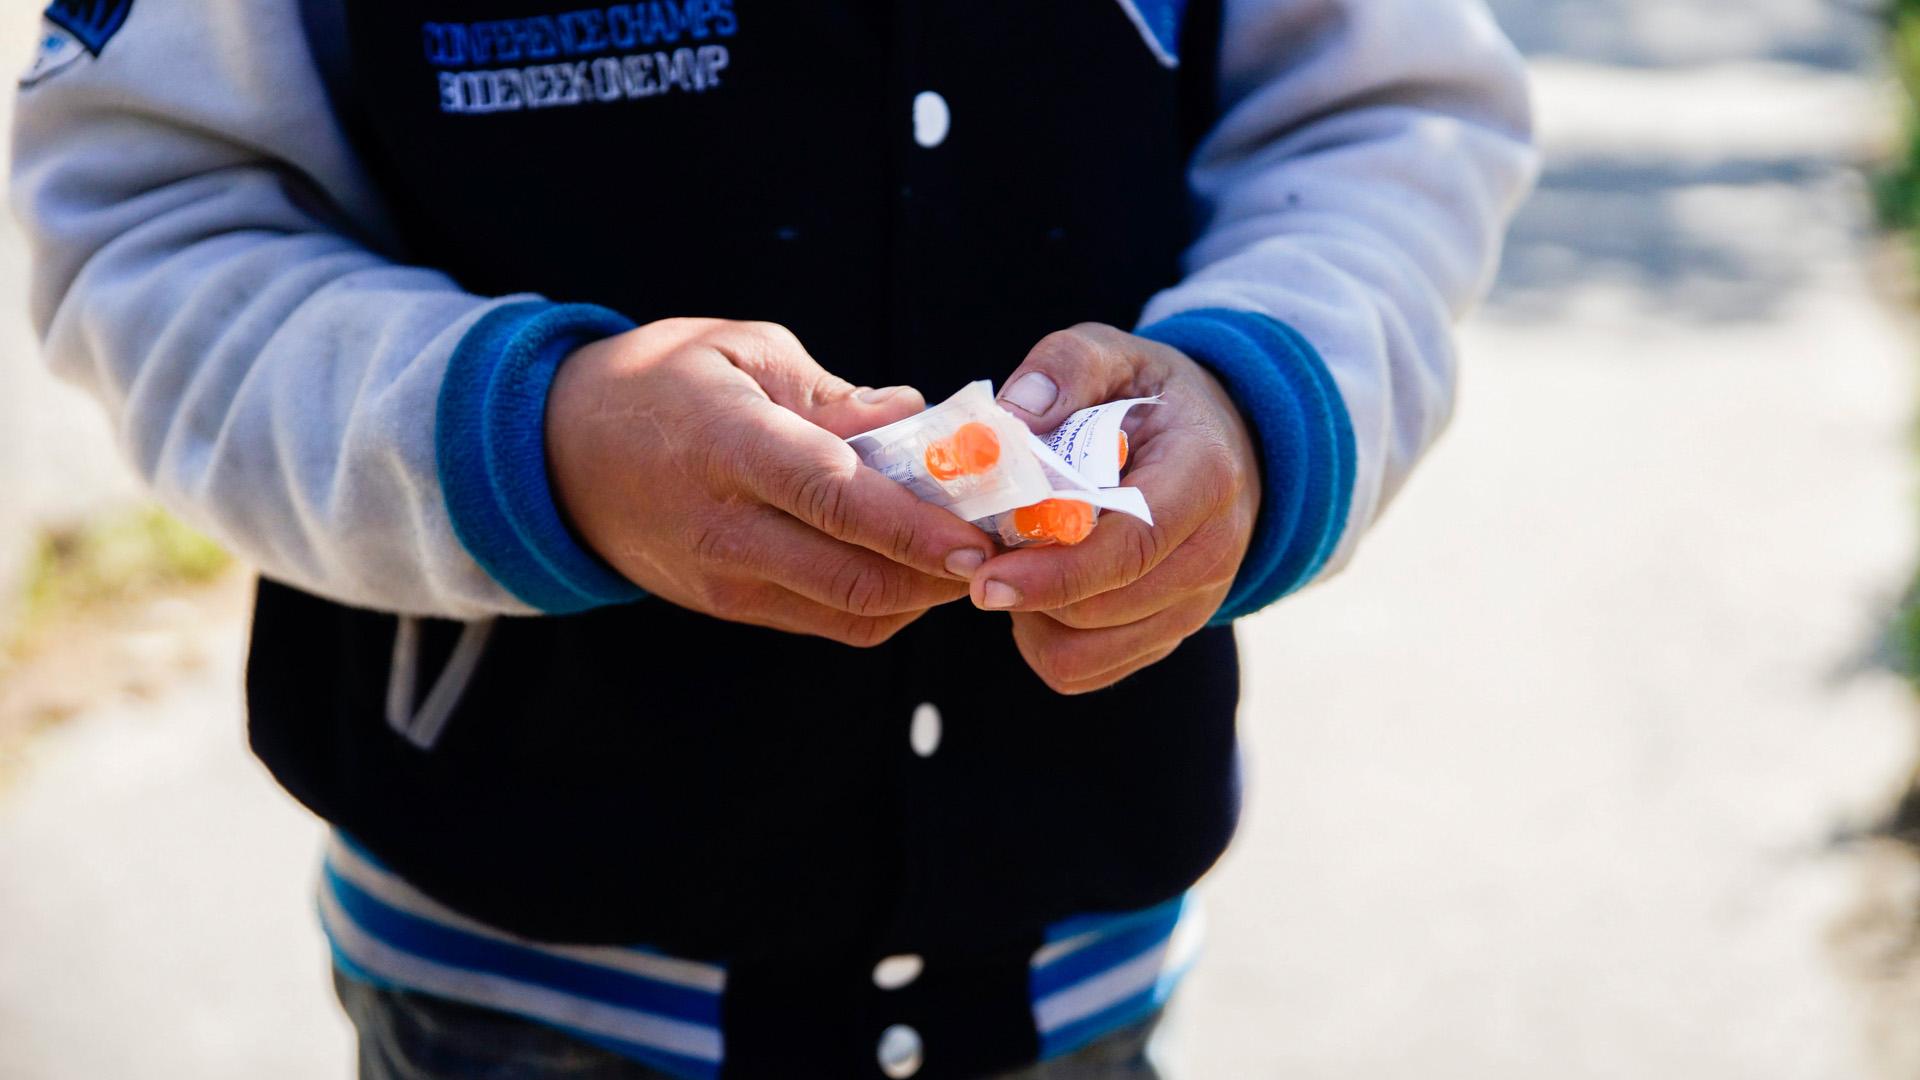 Ha tudjuk, hogy valaki úgyis intravénás droghasználó, akkor legalább steril tűt adjunk a kezébe